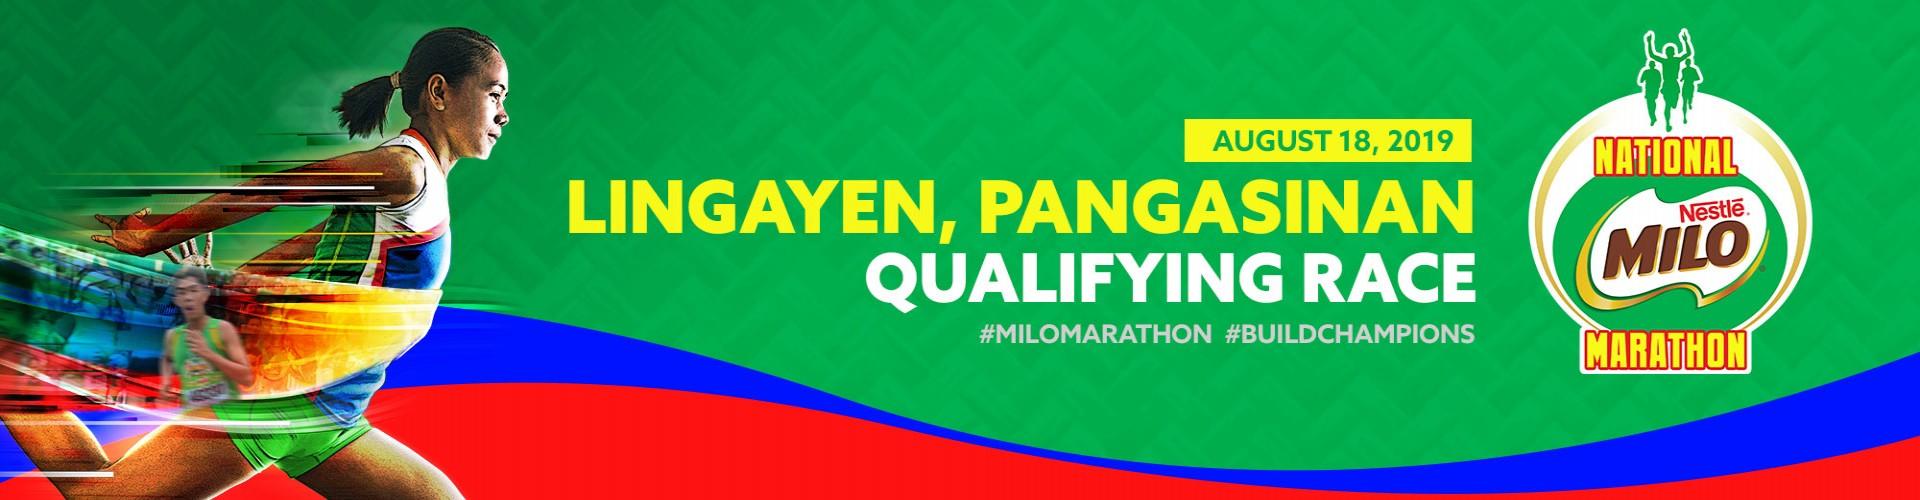 MILO MARATHON LINGAYEN PANGASINAN QUALIFYING LEG